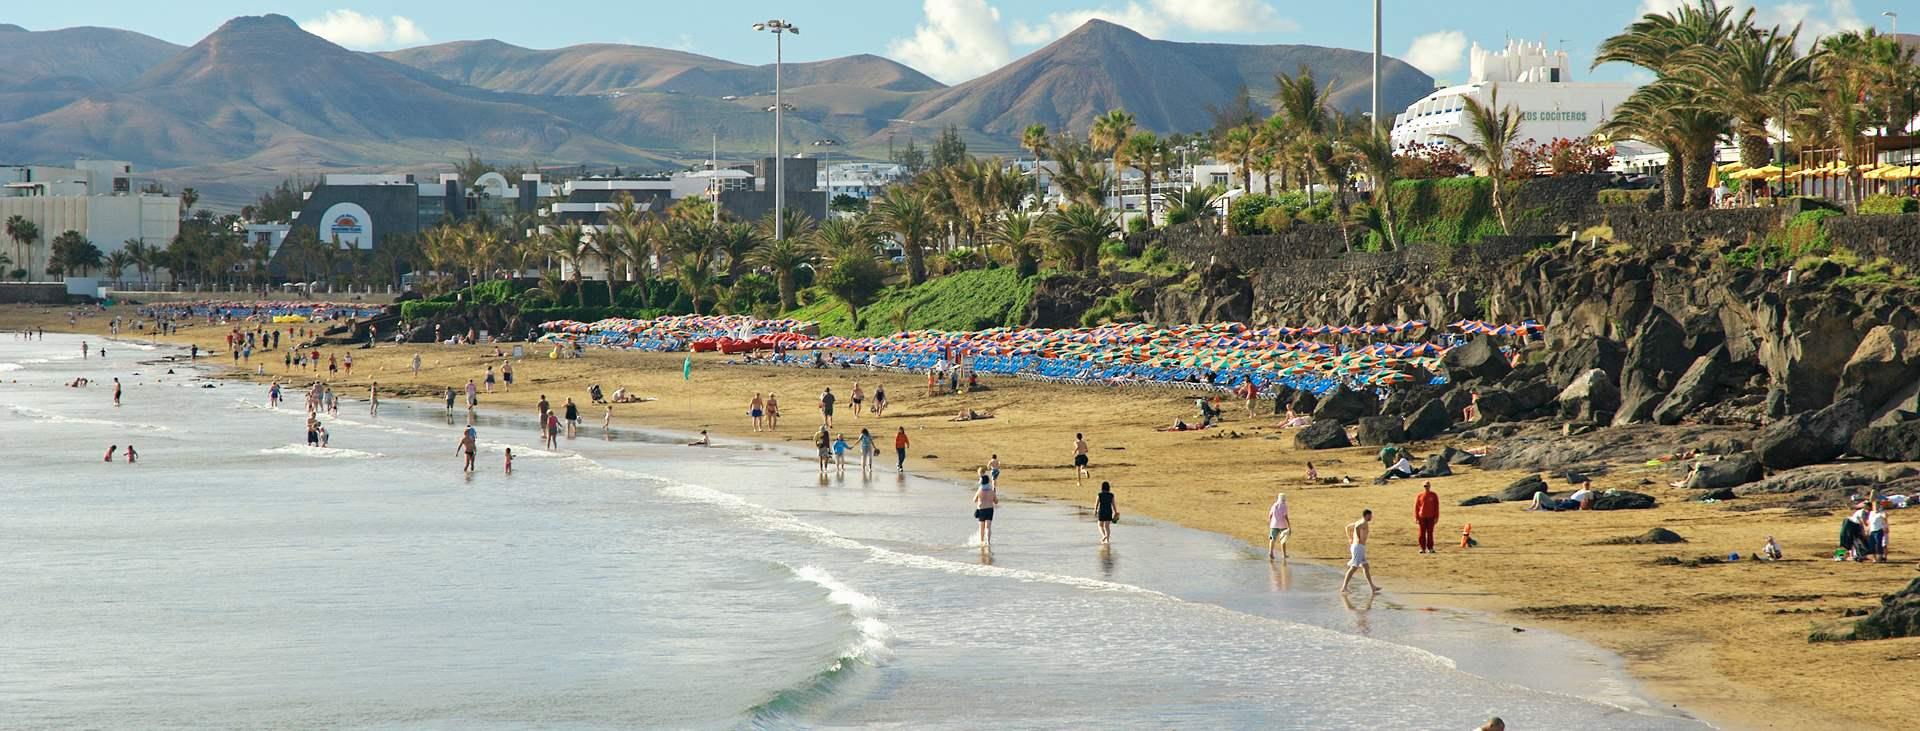 Bestill en reise med Ving til Puerto del Carmen på Lanzarote